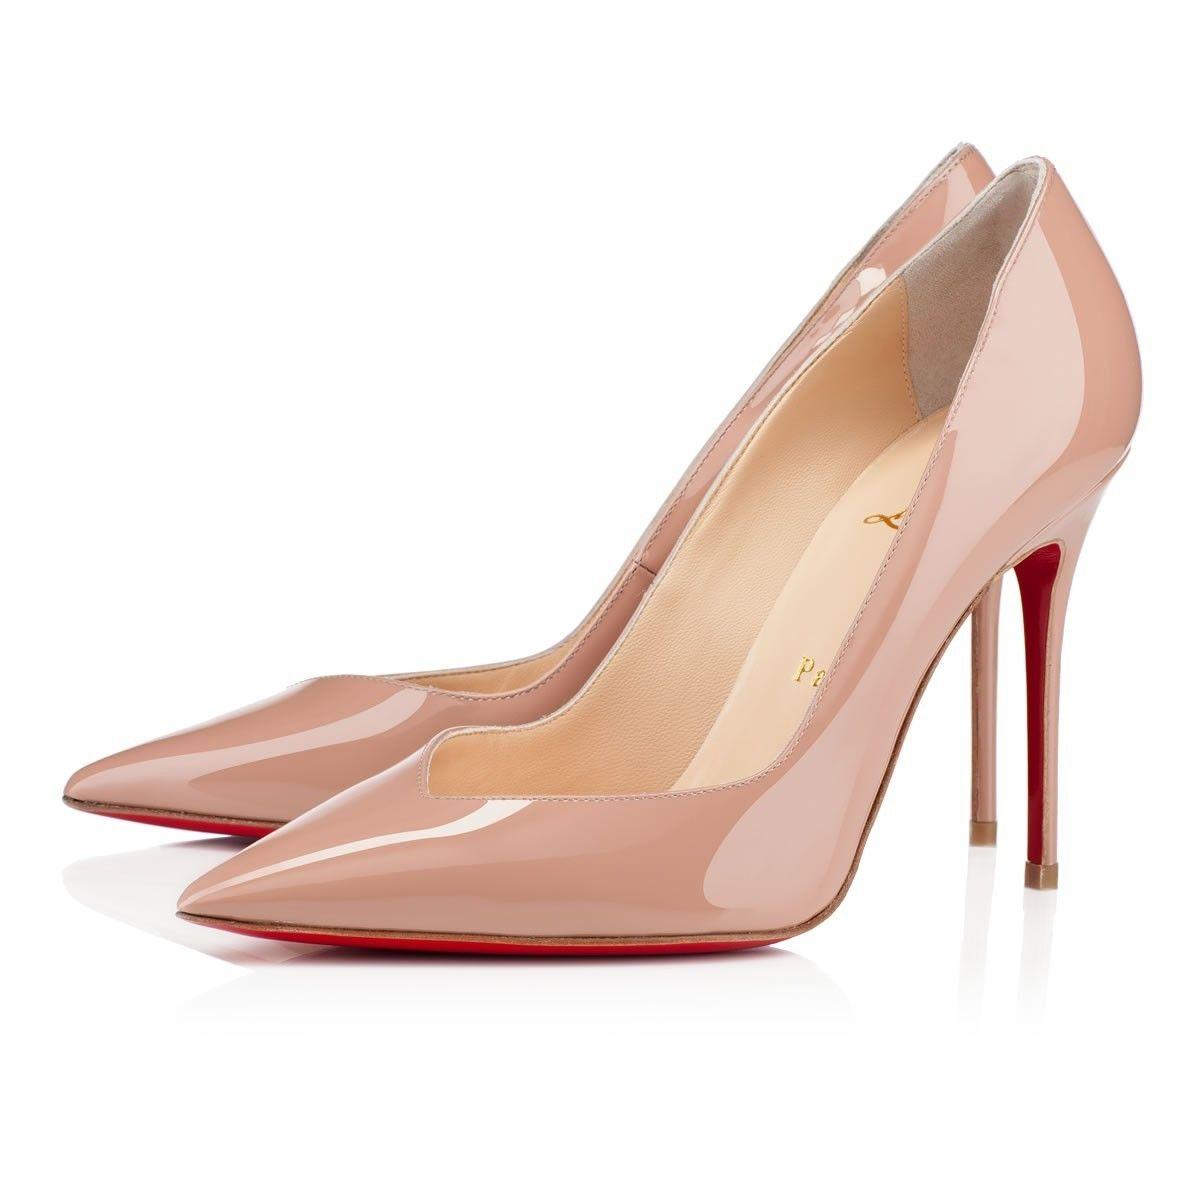 vente de chaussure louboutin pas cher